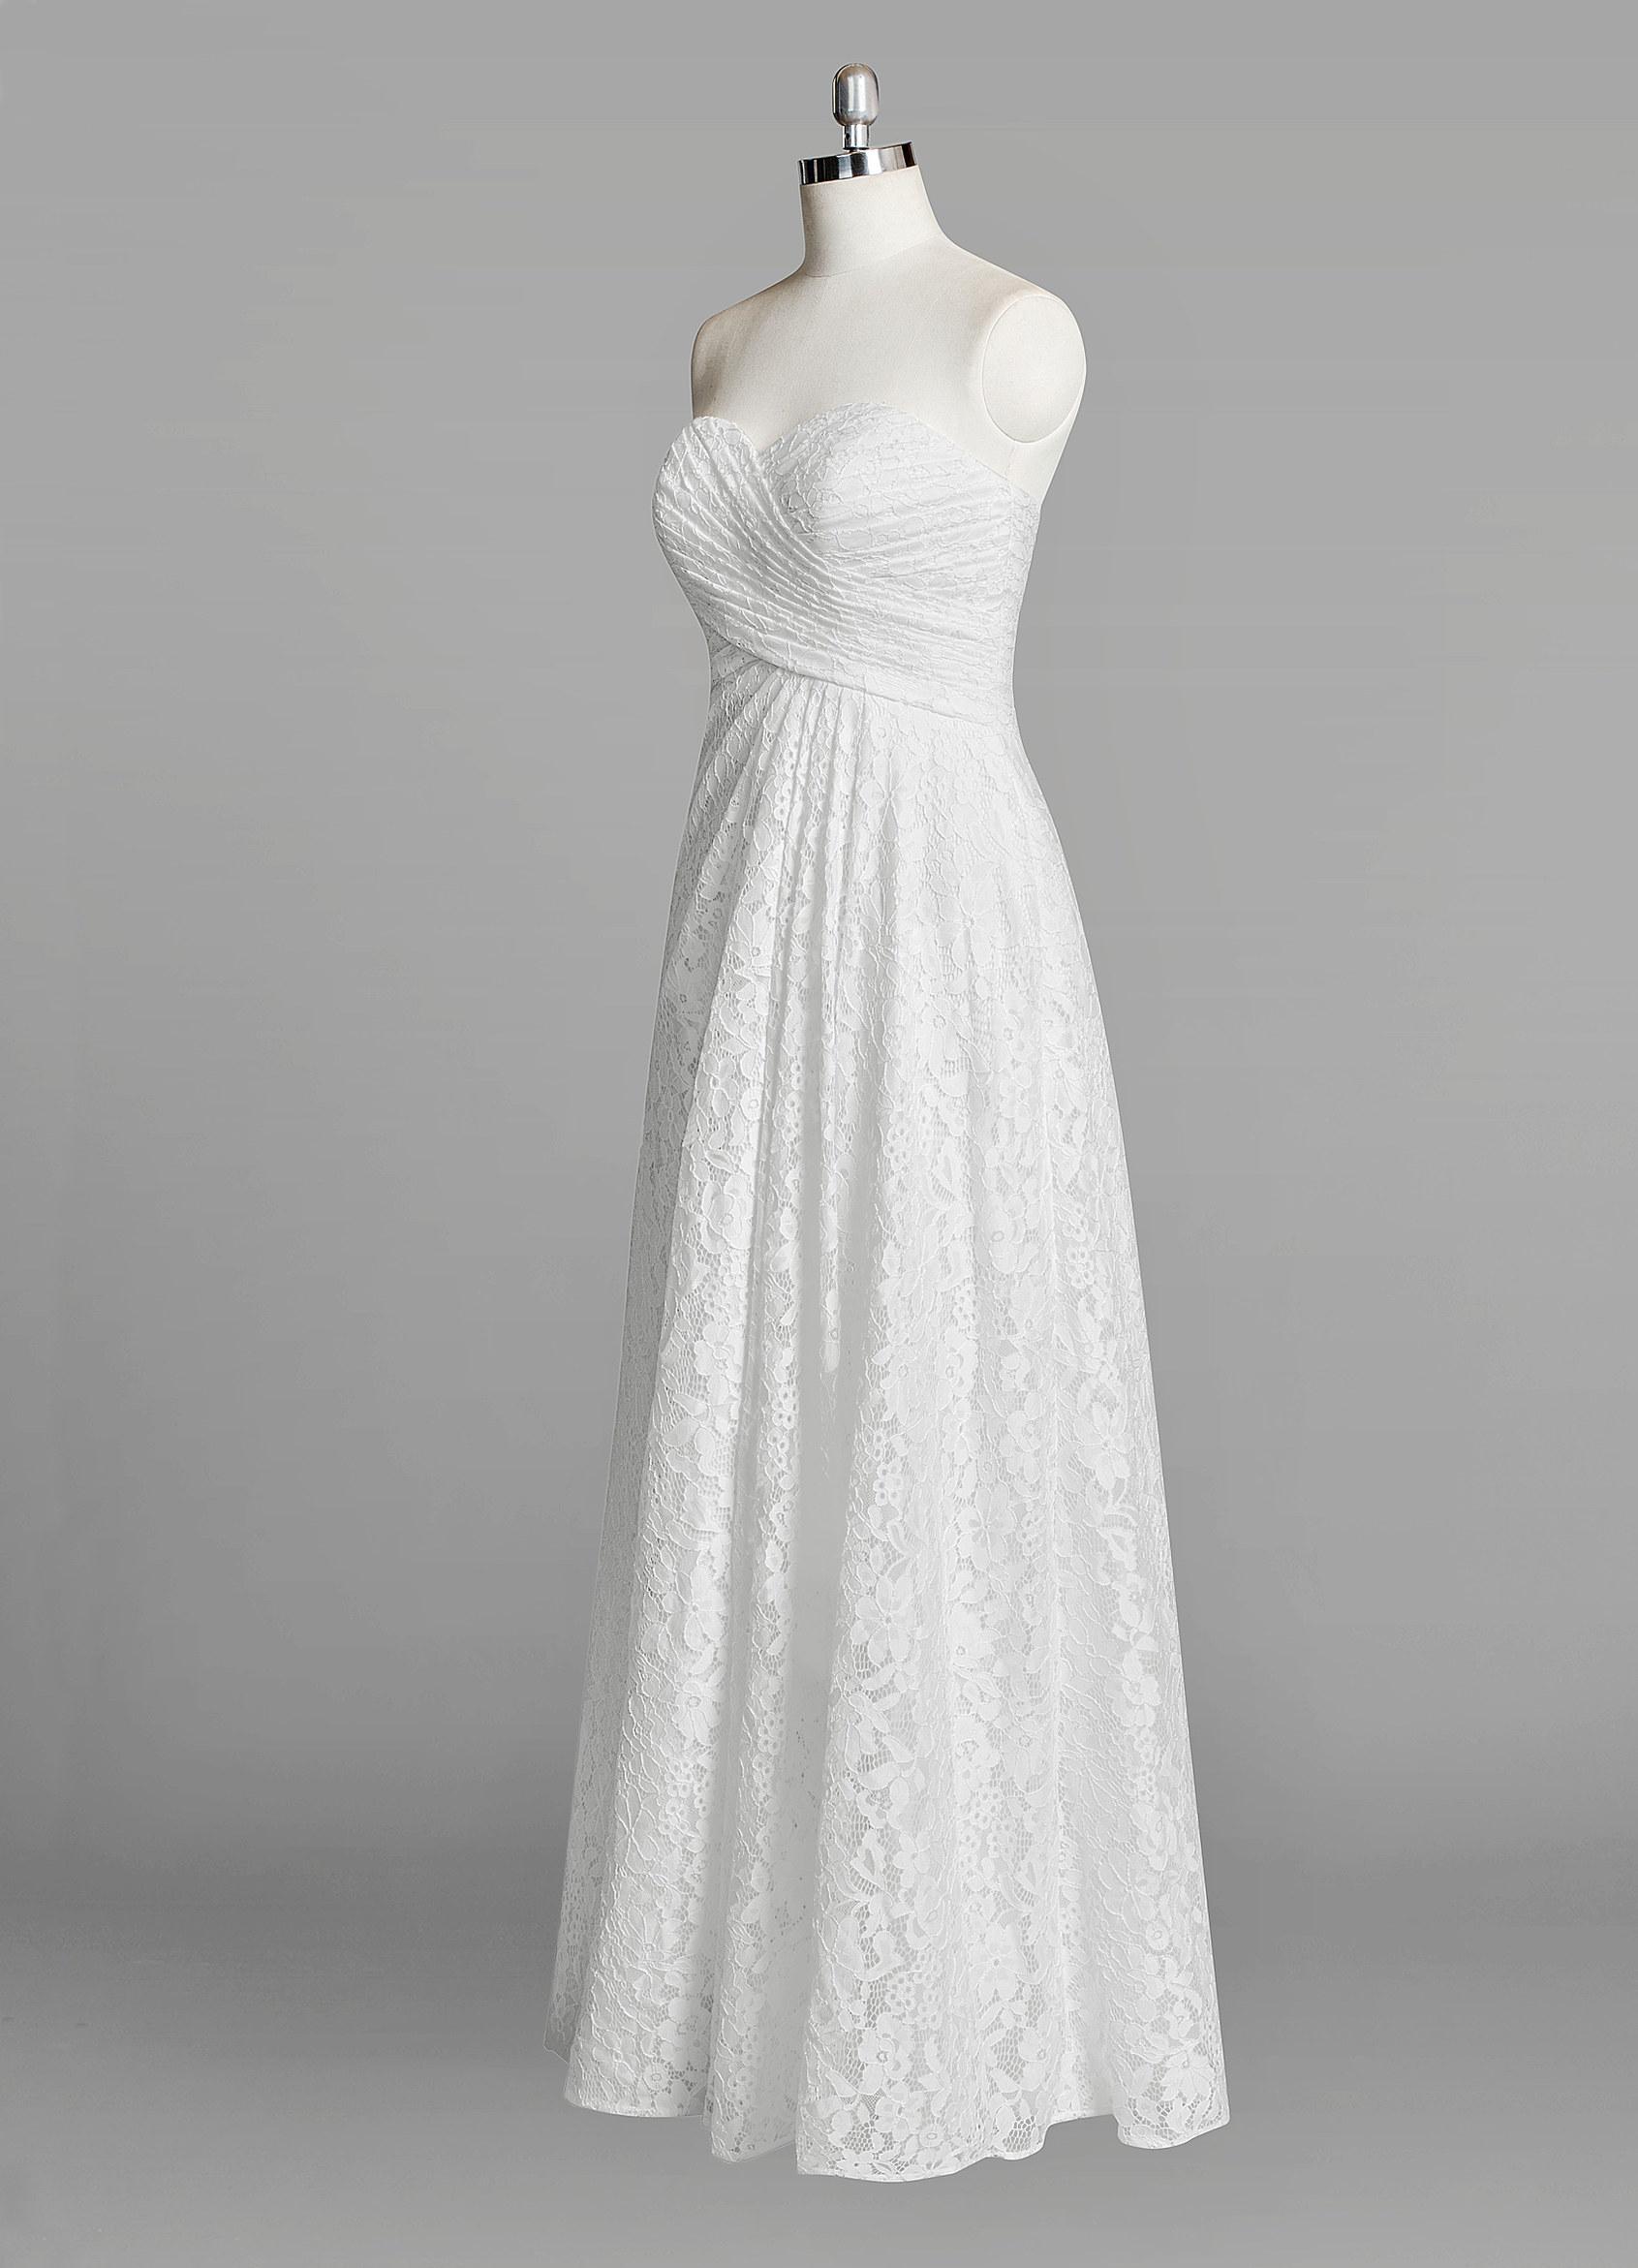 Billie Bg Sample Dress